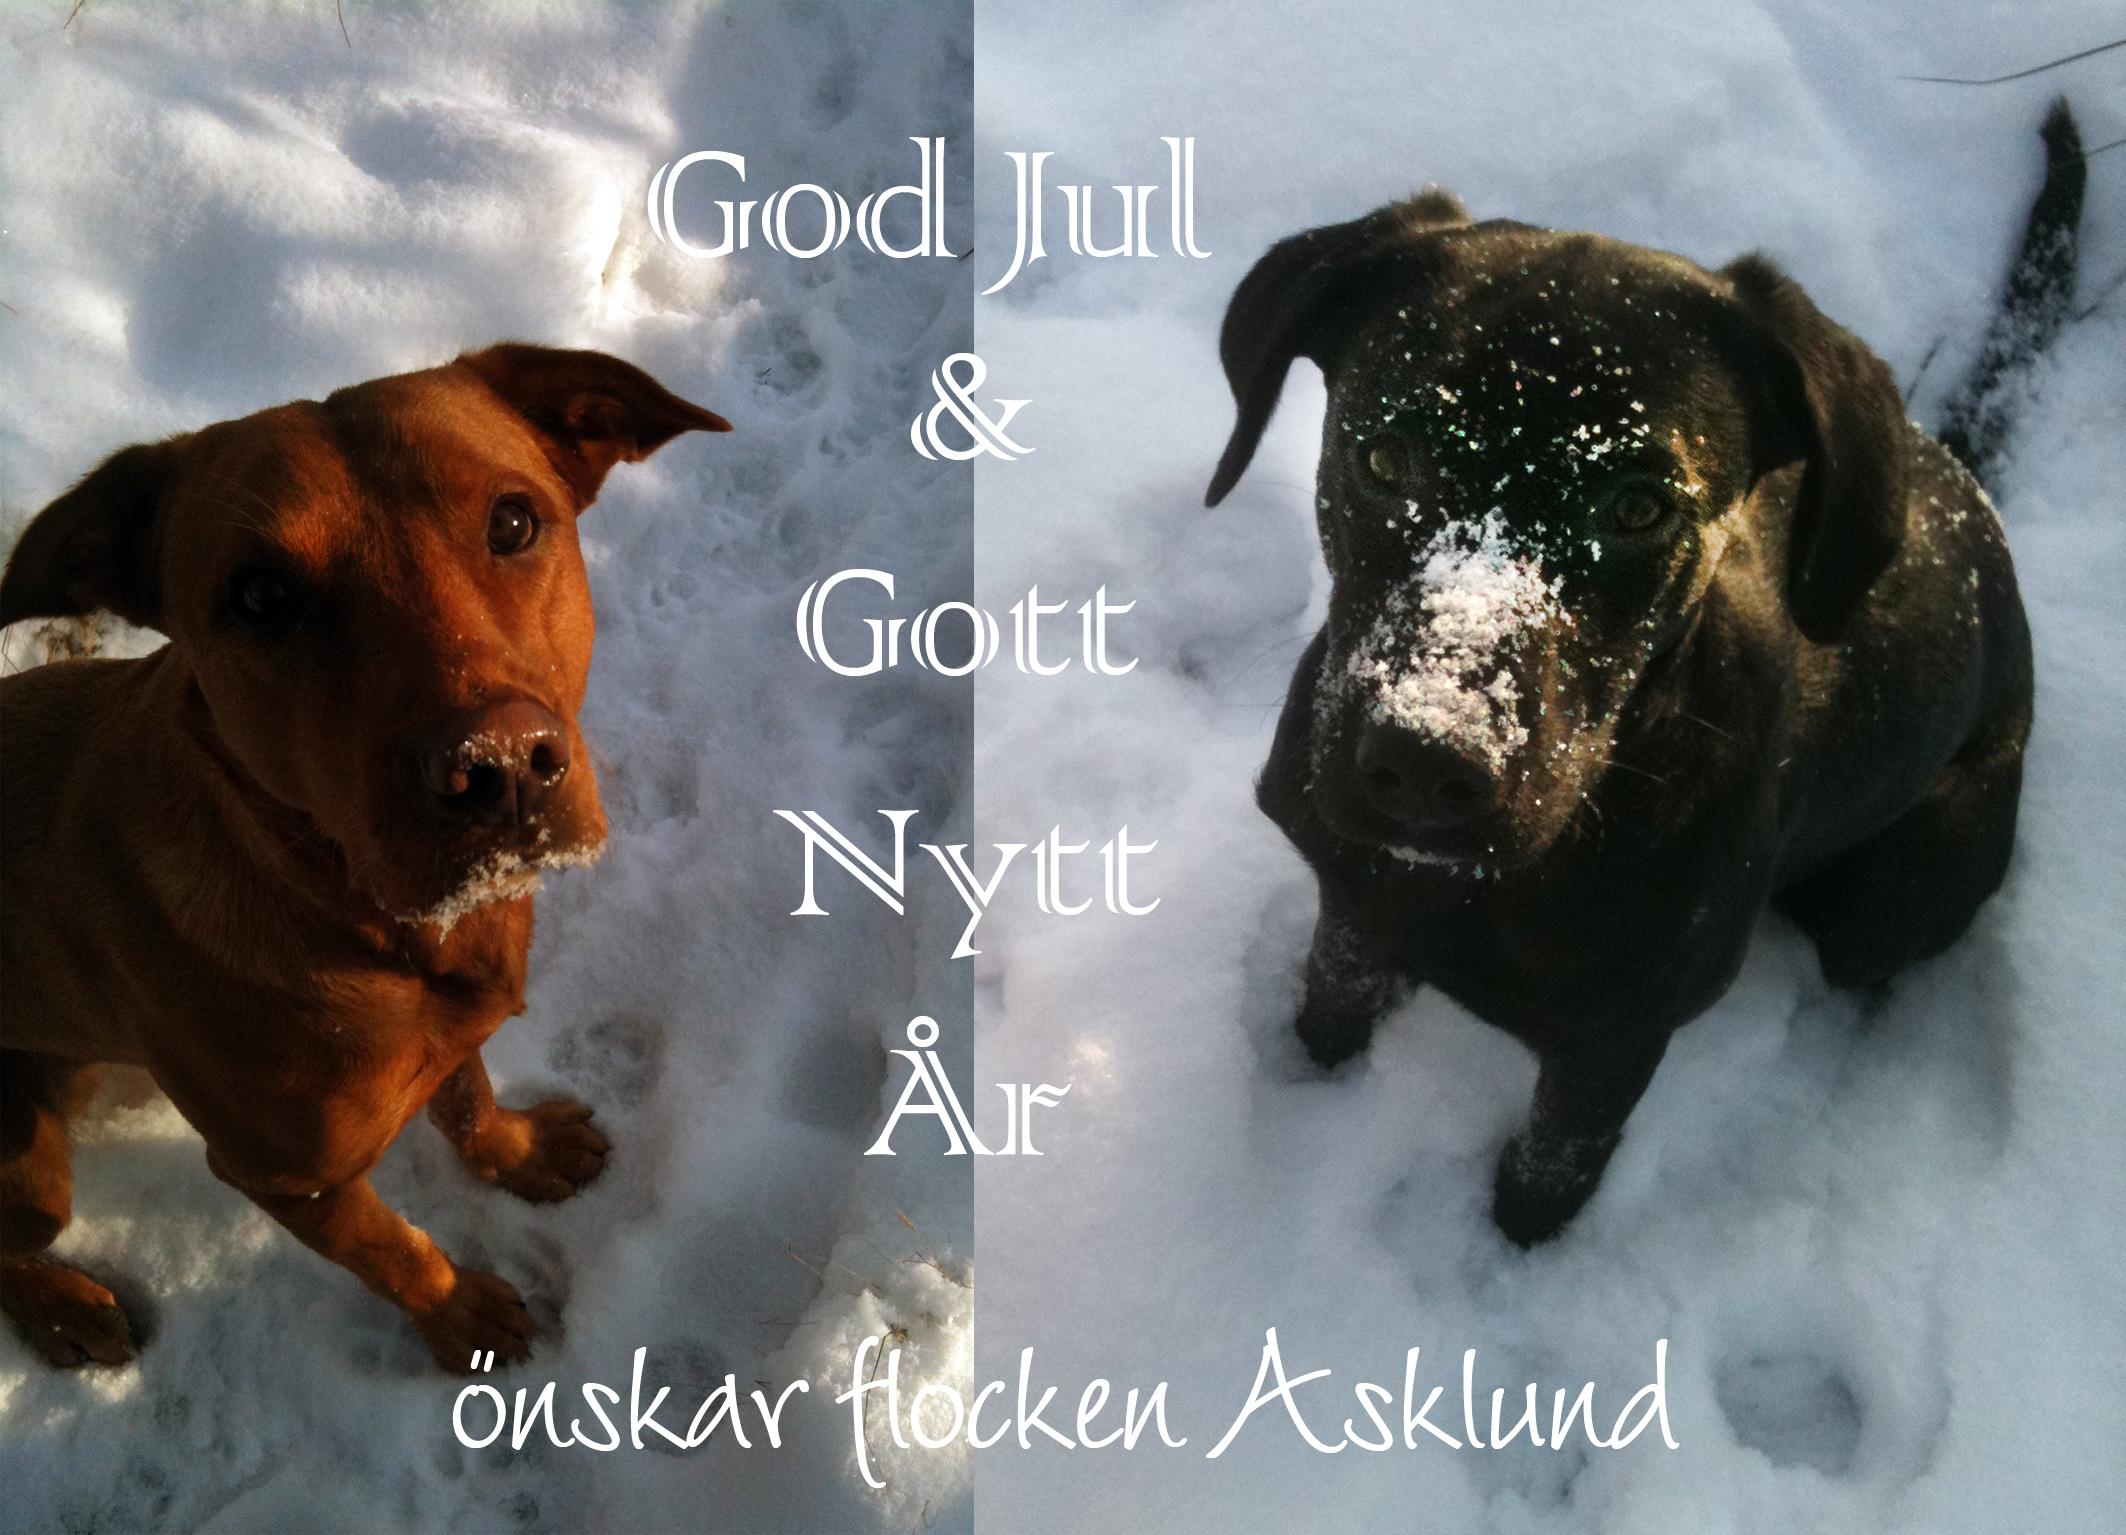 Julkort från flocken Asklund